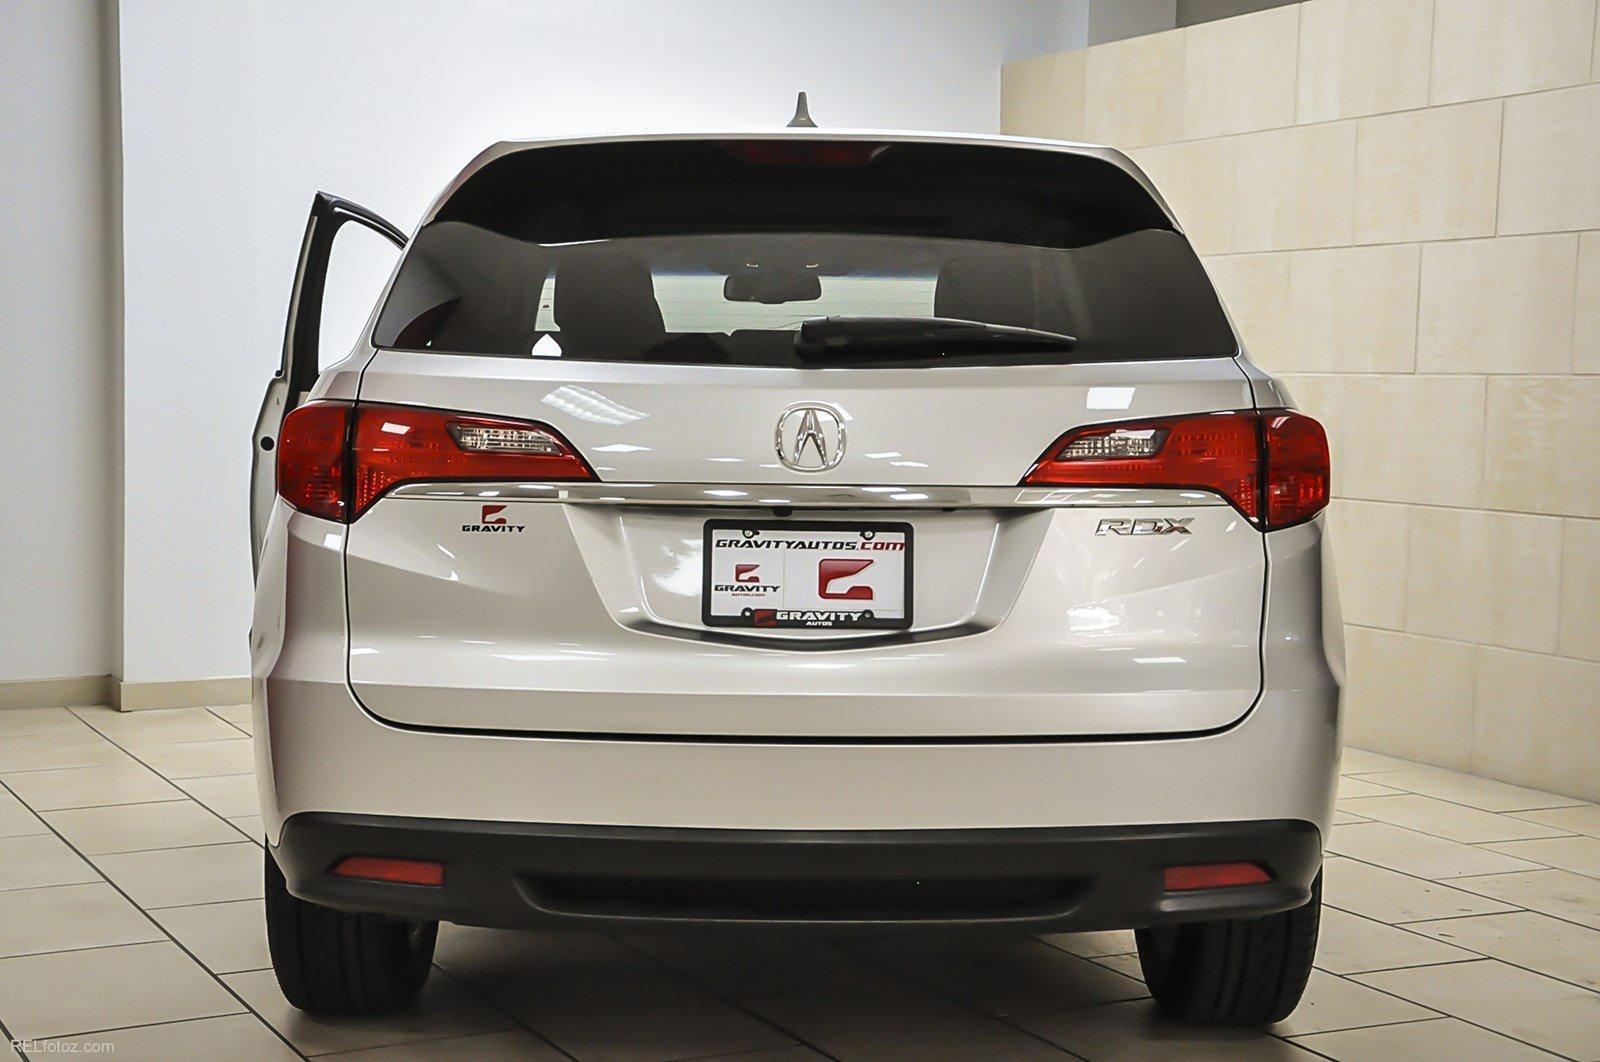 2013 Acura Rdx Stock 001556 For Sale Near Sandy Springs